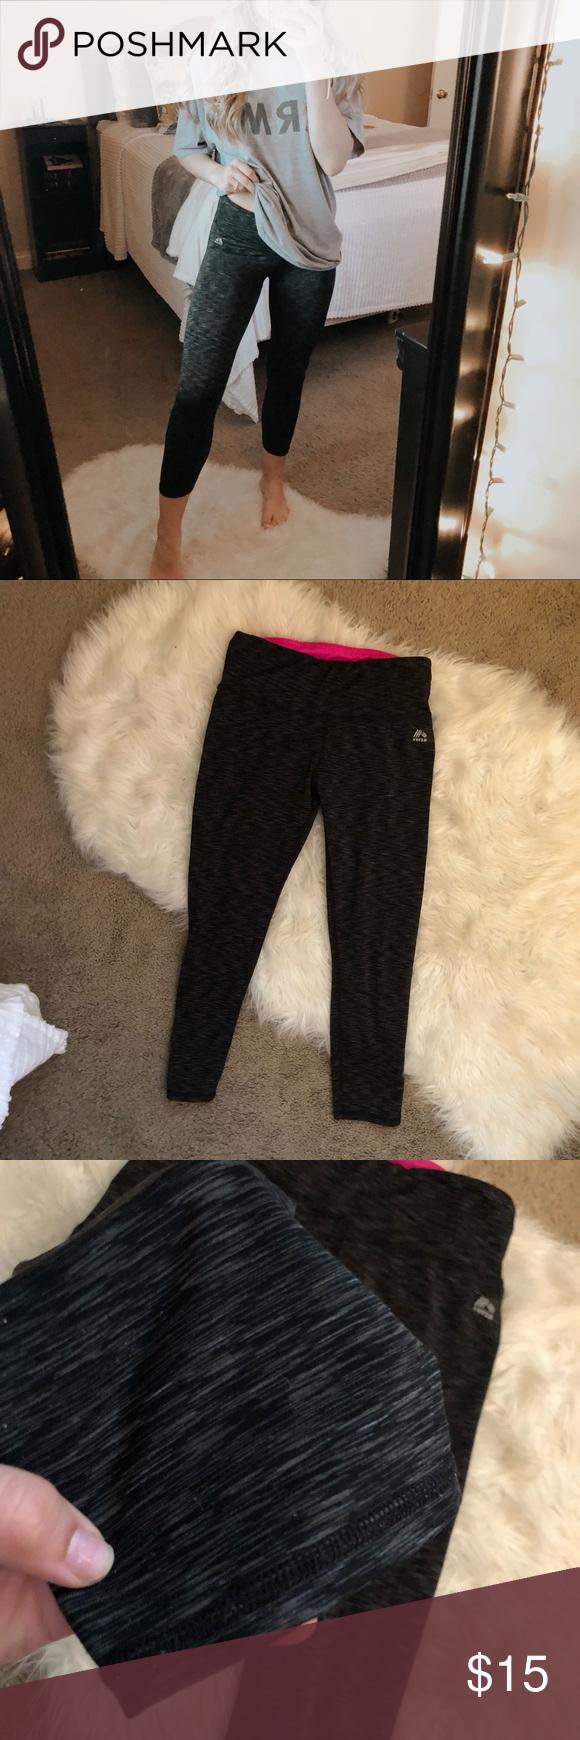 RBX Black Speckled Crop Leggings | Leggings are not pants ...